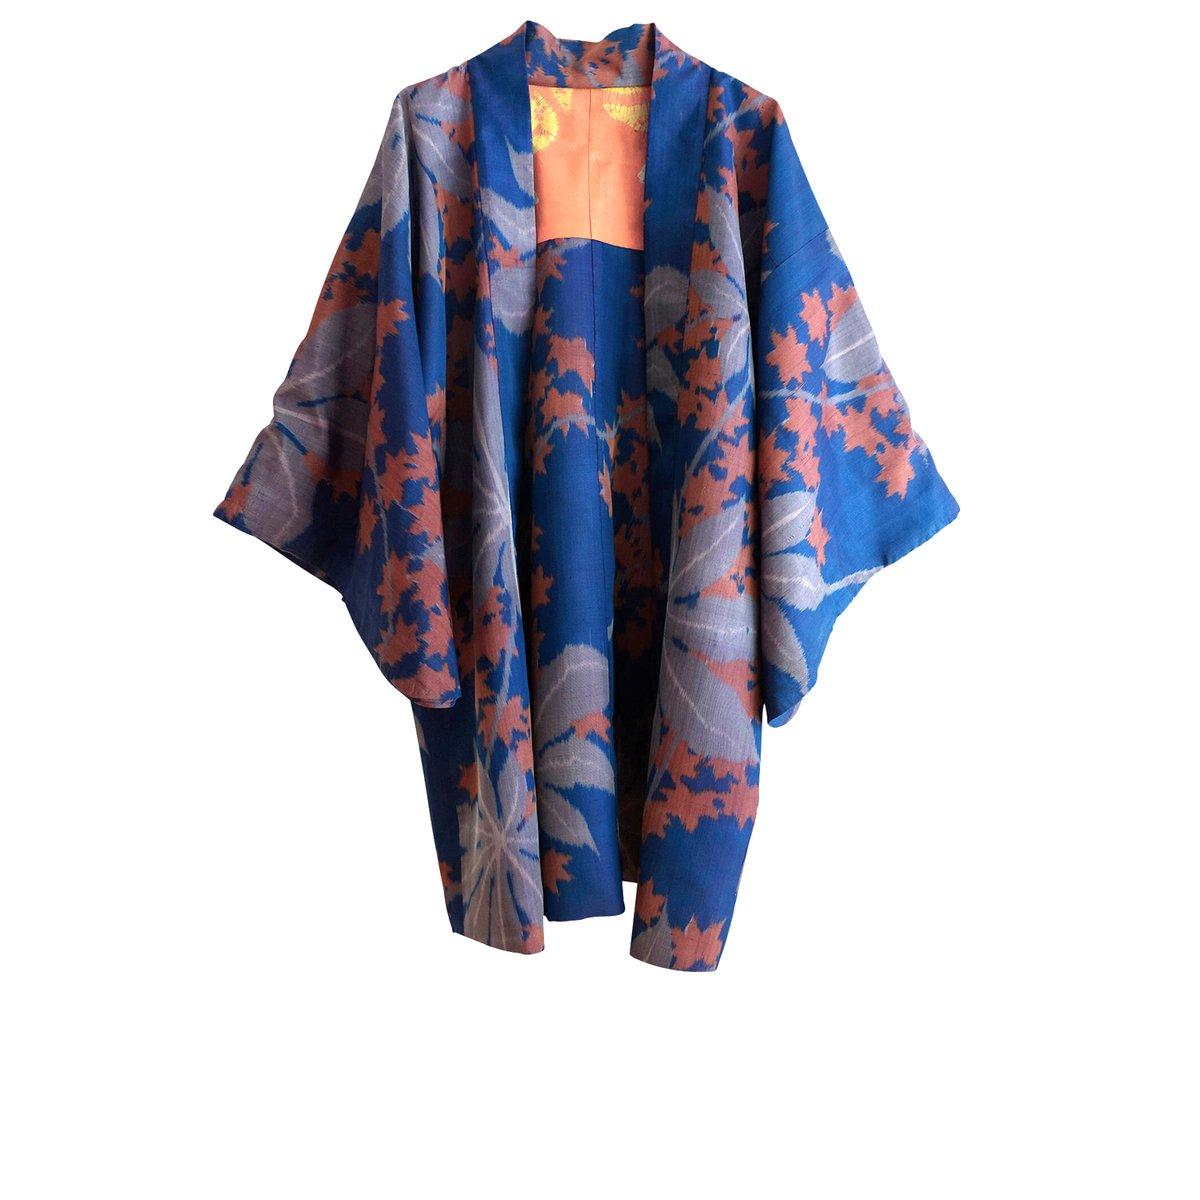 Image of Kort kimono jakke - blå med blade og orange-gult for